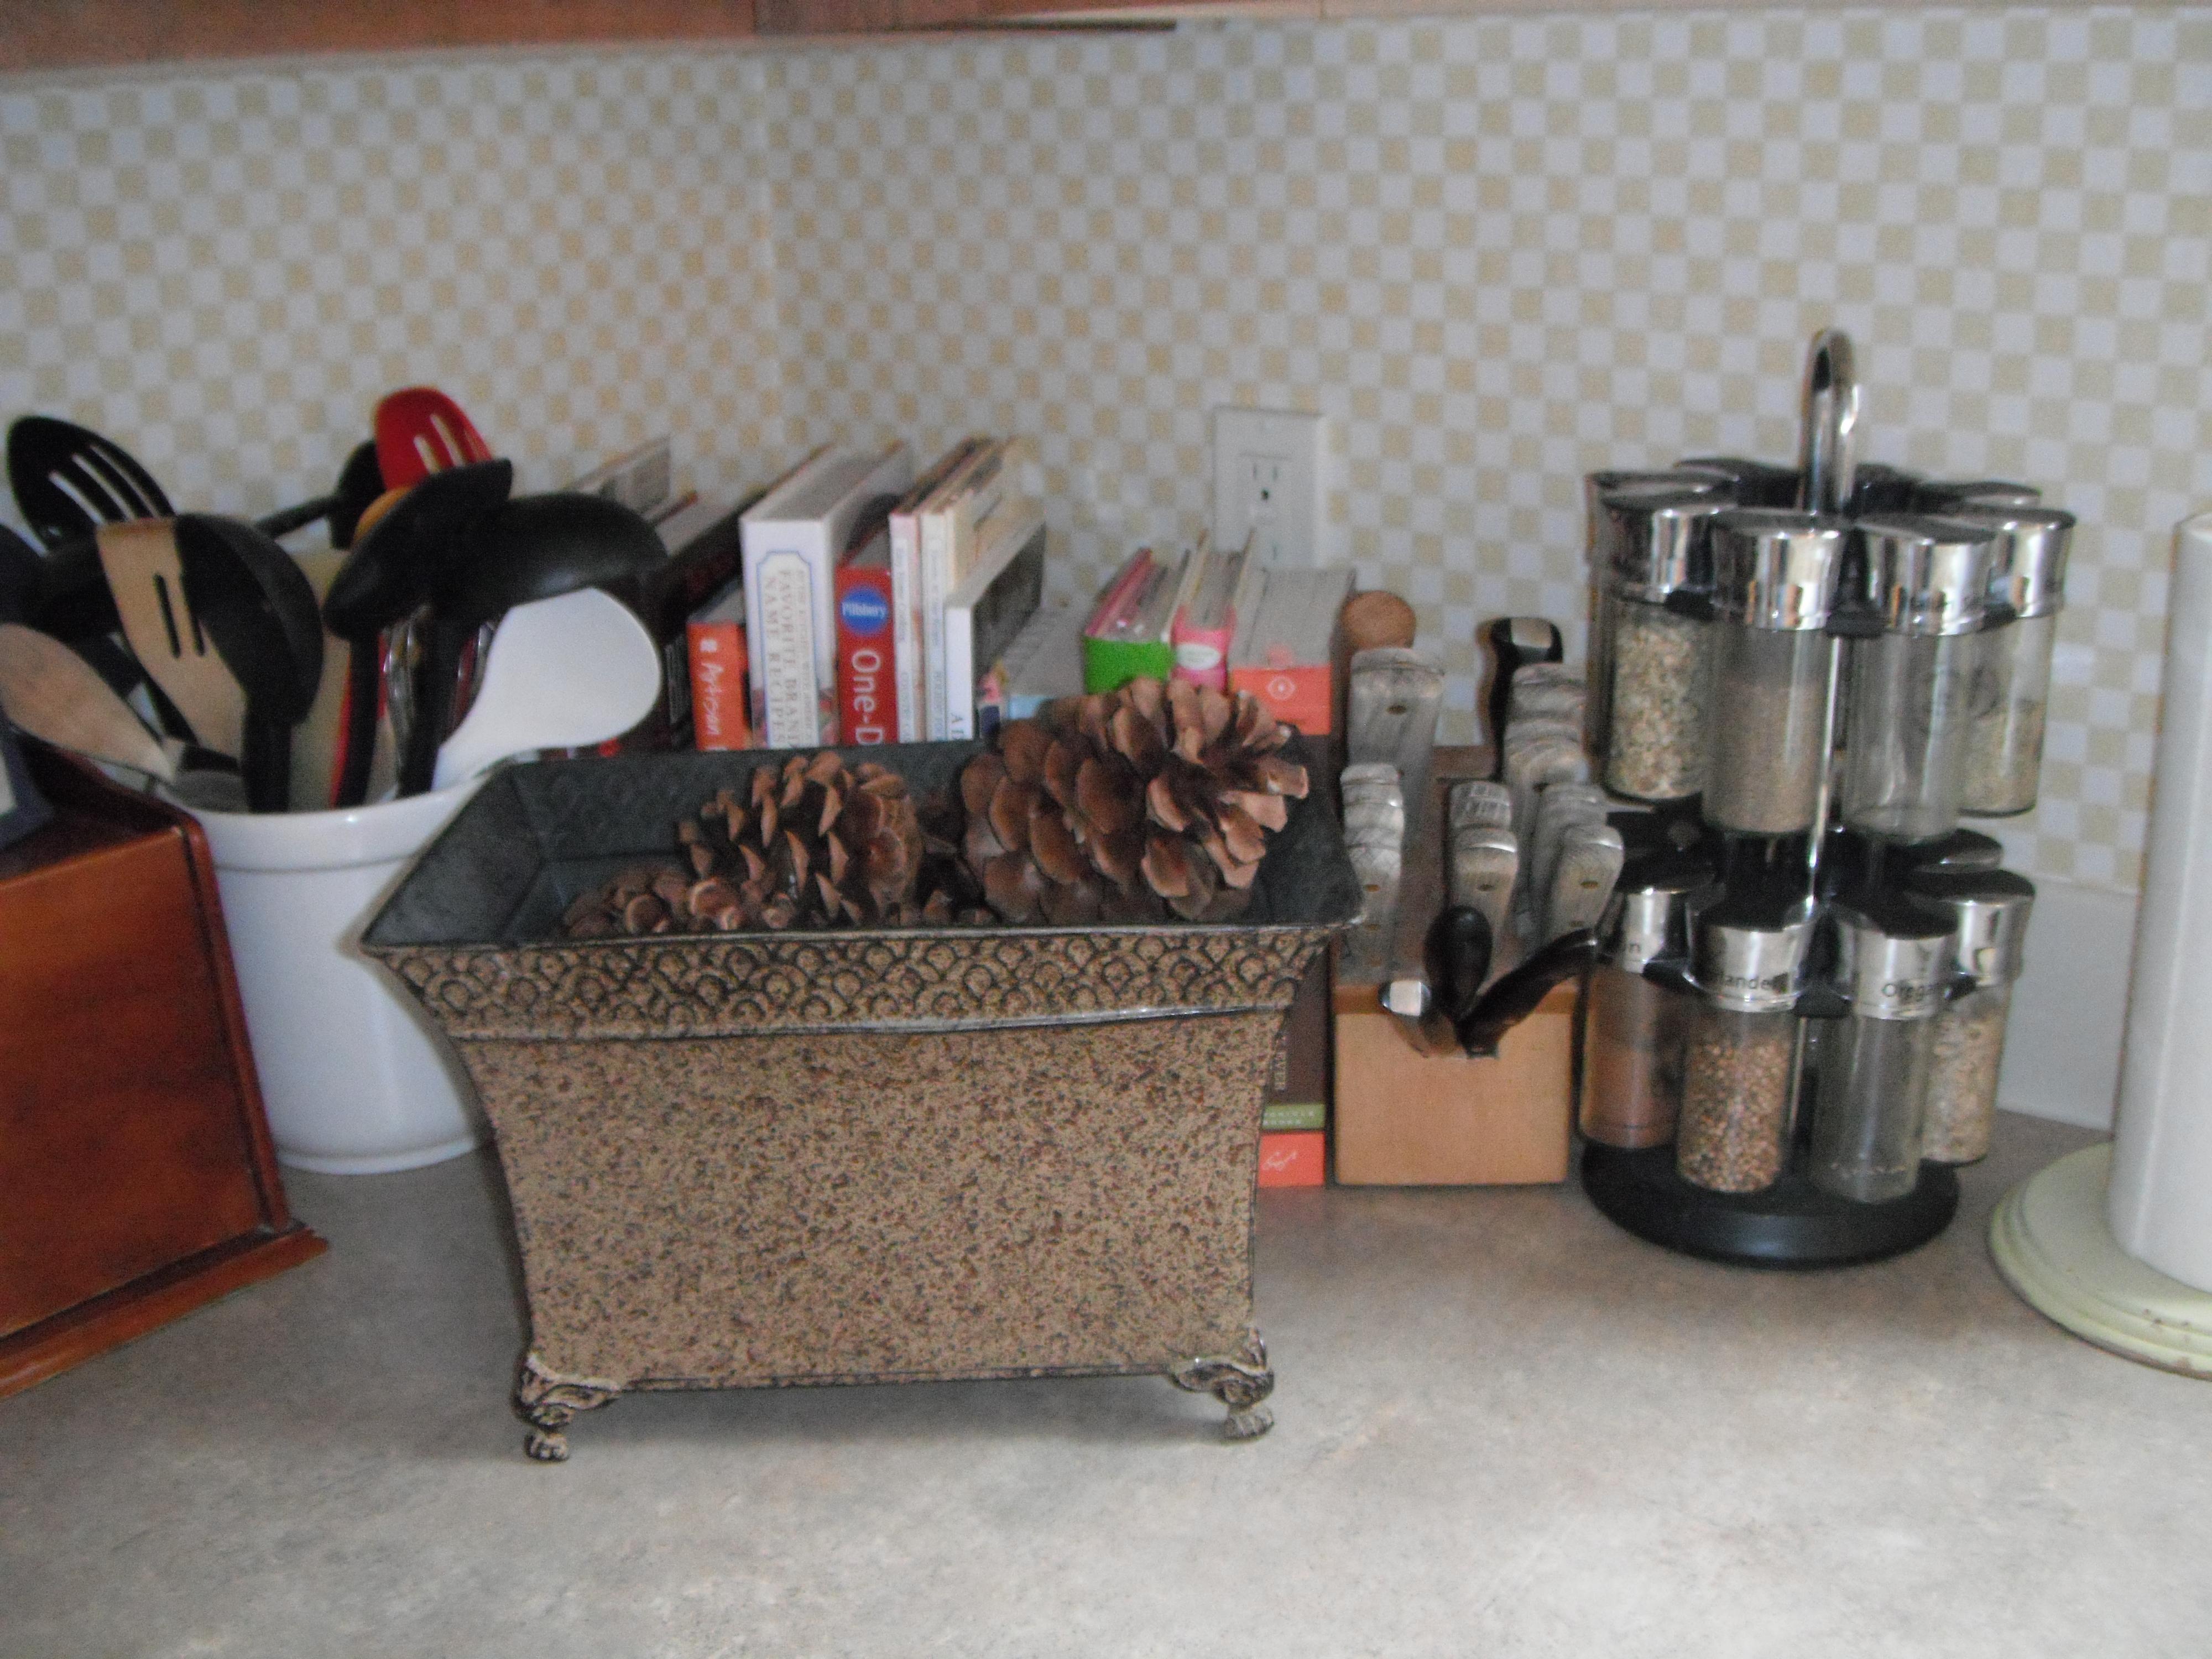 Kitchen Counter Organization Kitchen Counter Organization Ideas 18 Functional Kitchen Storage